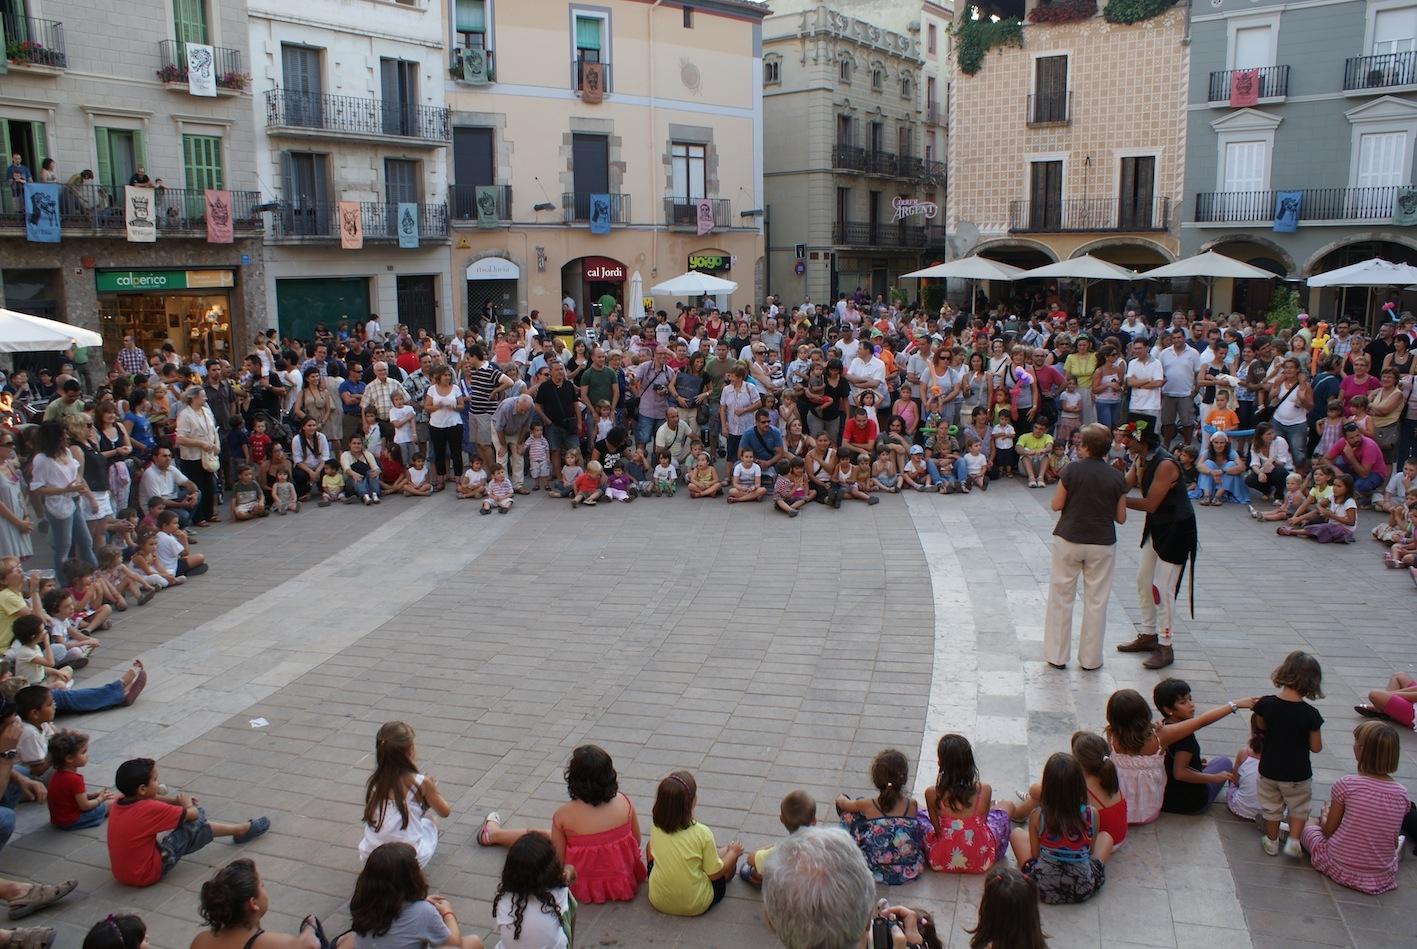 Animació infantil a la plaça de l'Ajuntament